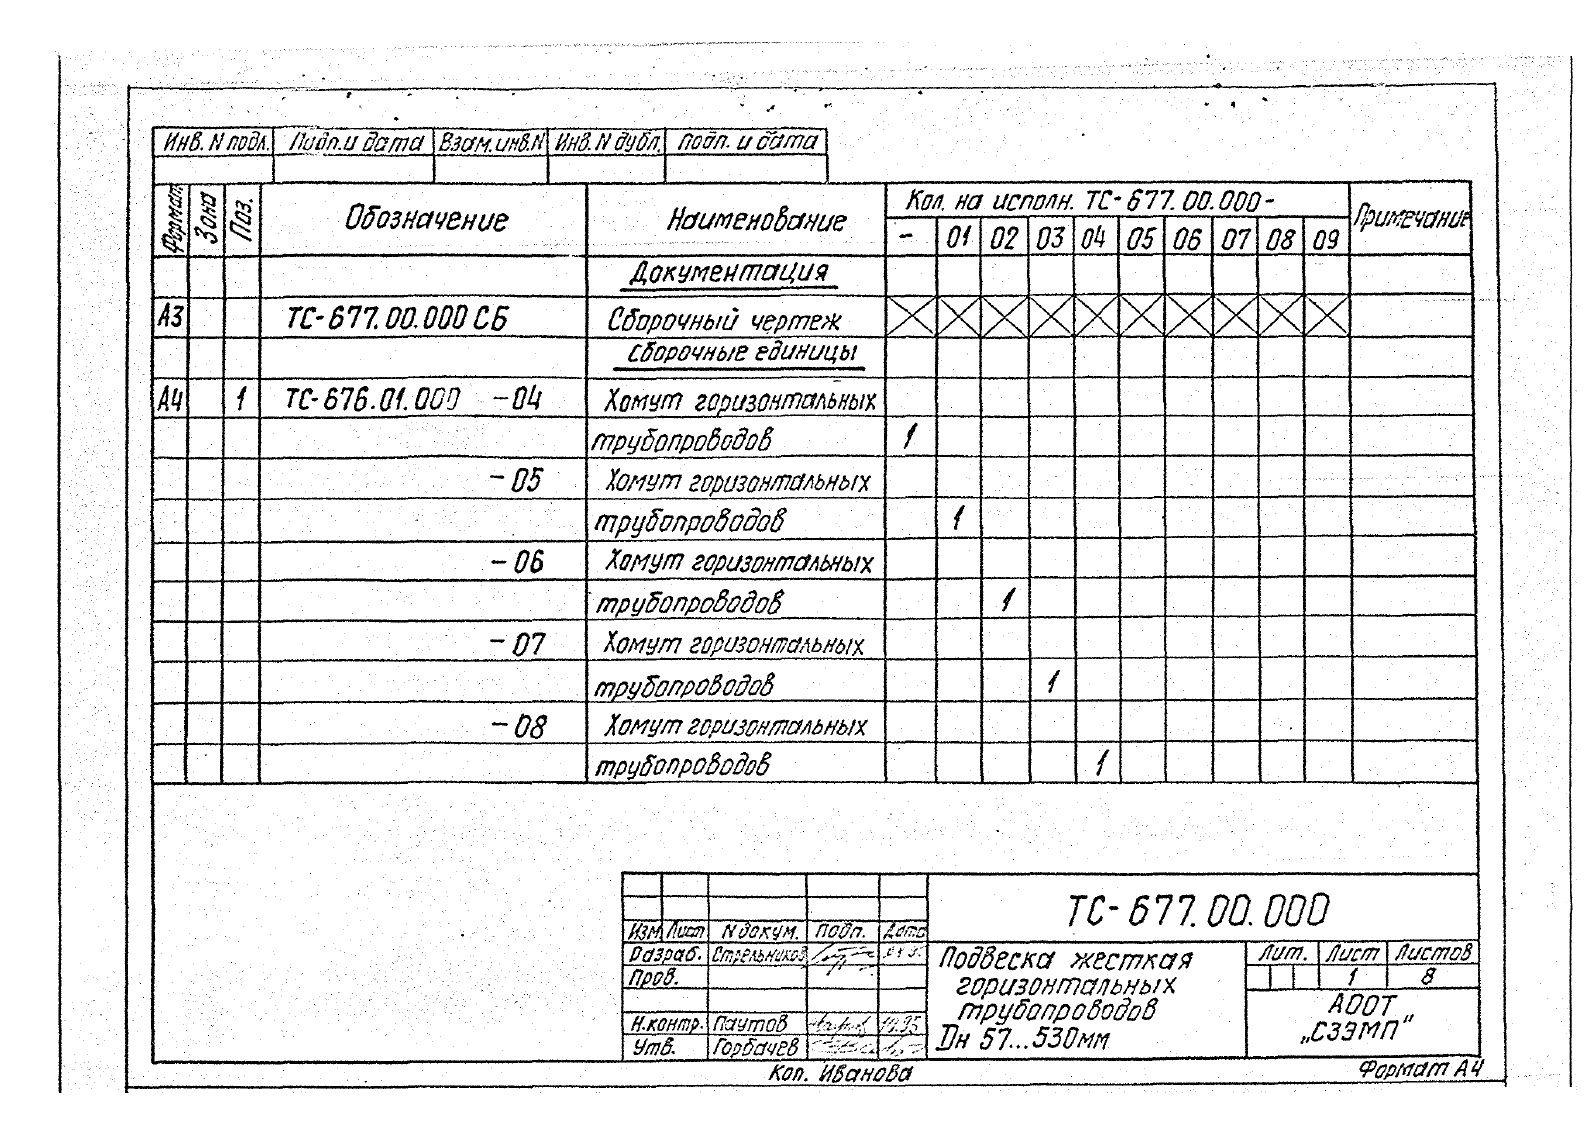 Подвески жесткие Дн 57-530 ТС-677 с.5.903-13 вып.6-95 стр.3